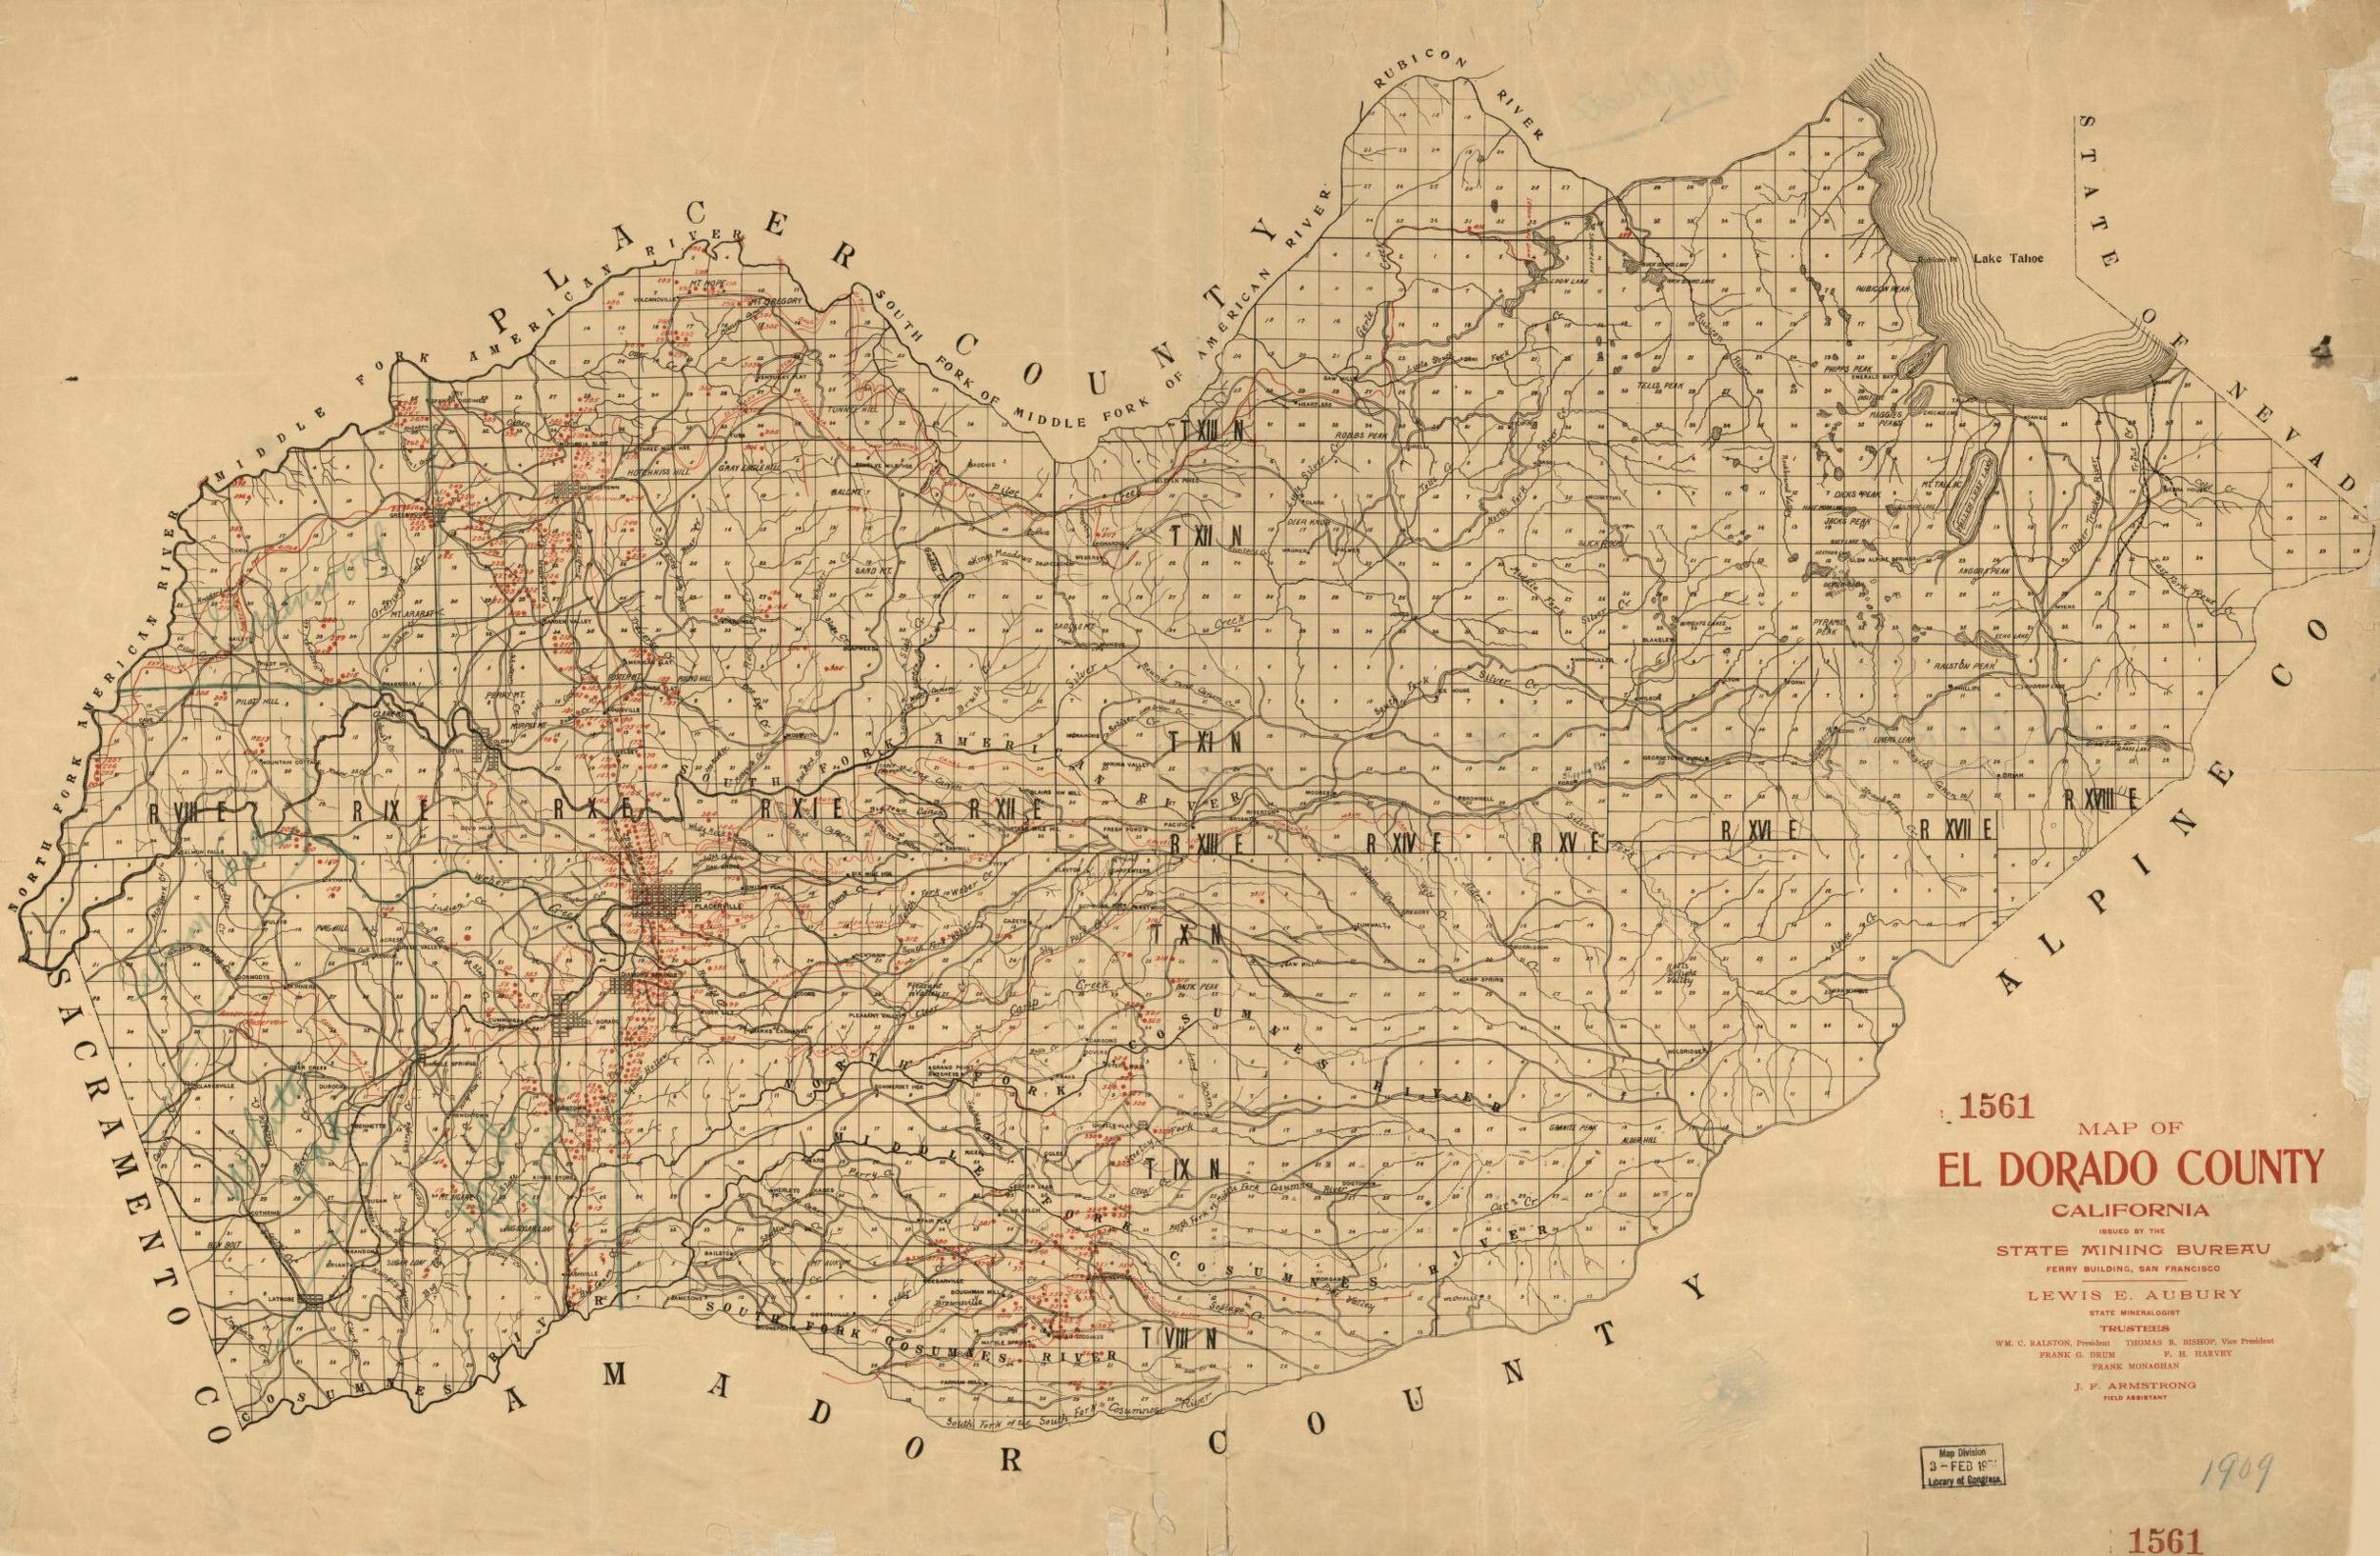 El Dorado County Map.png